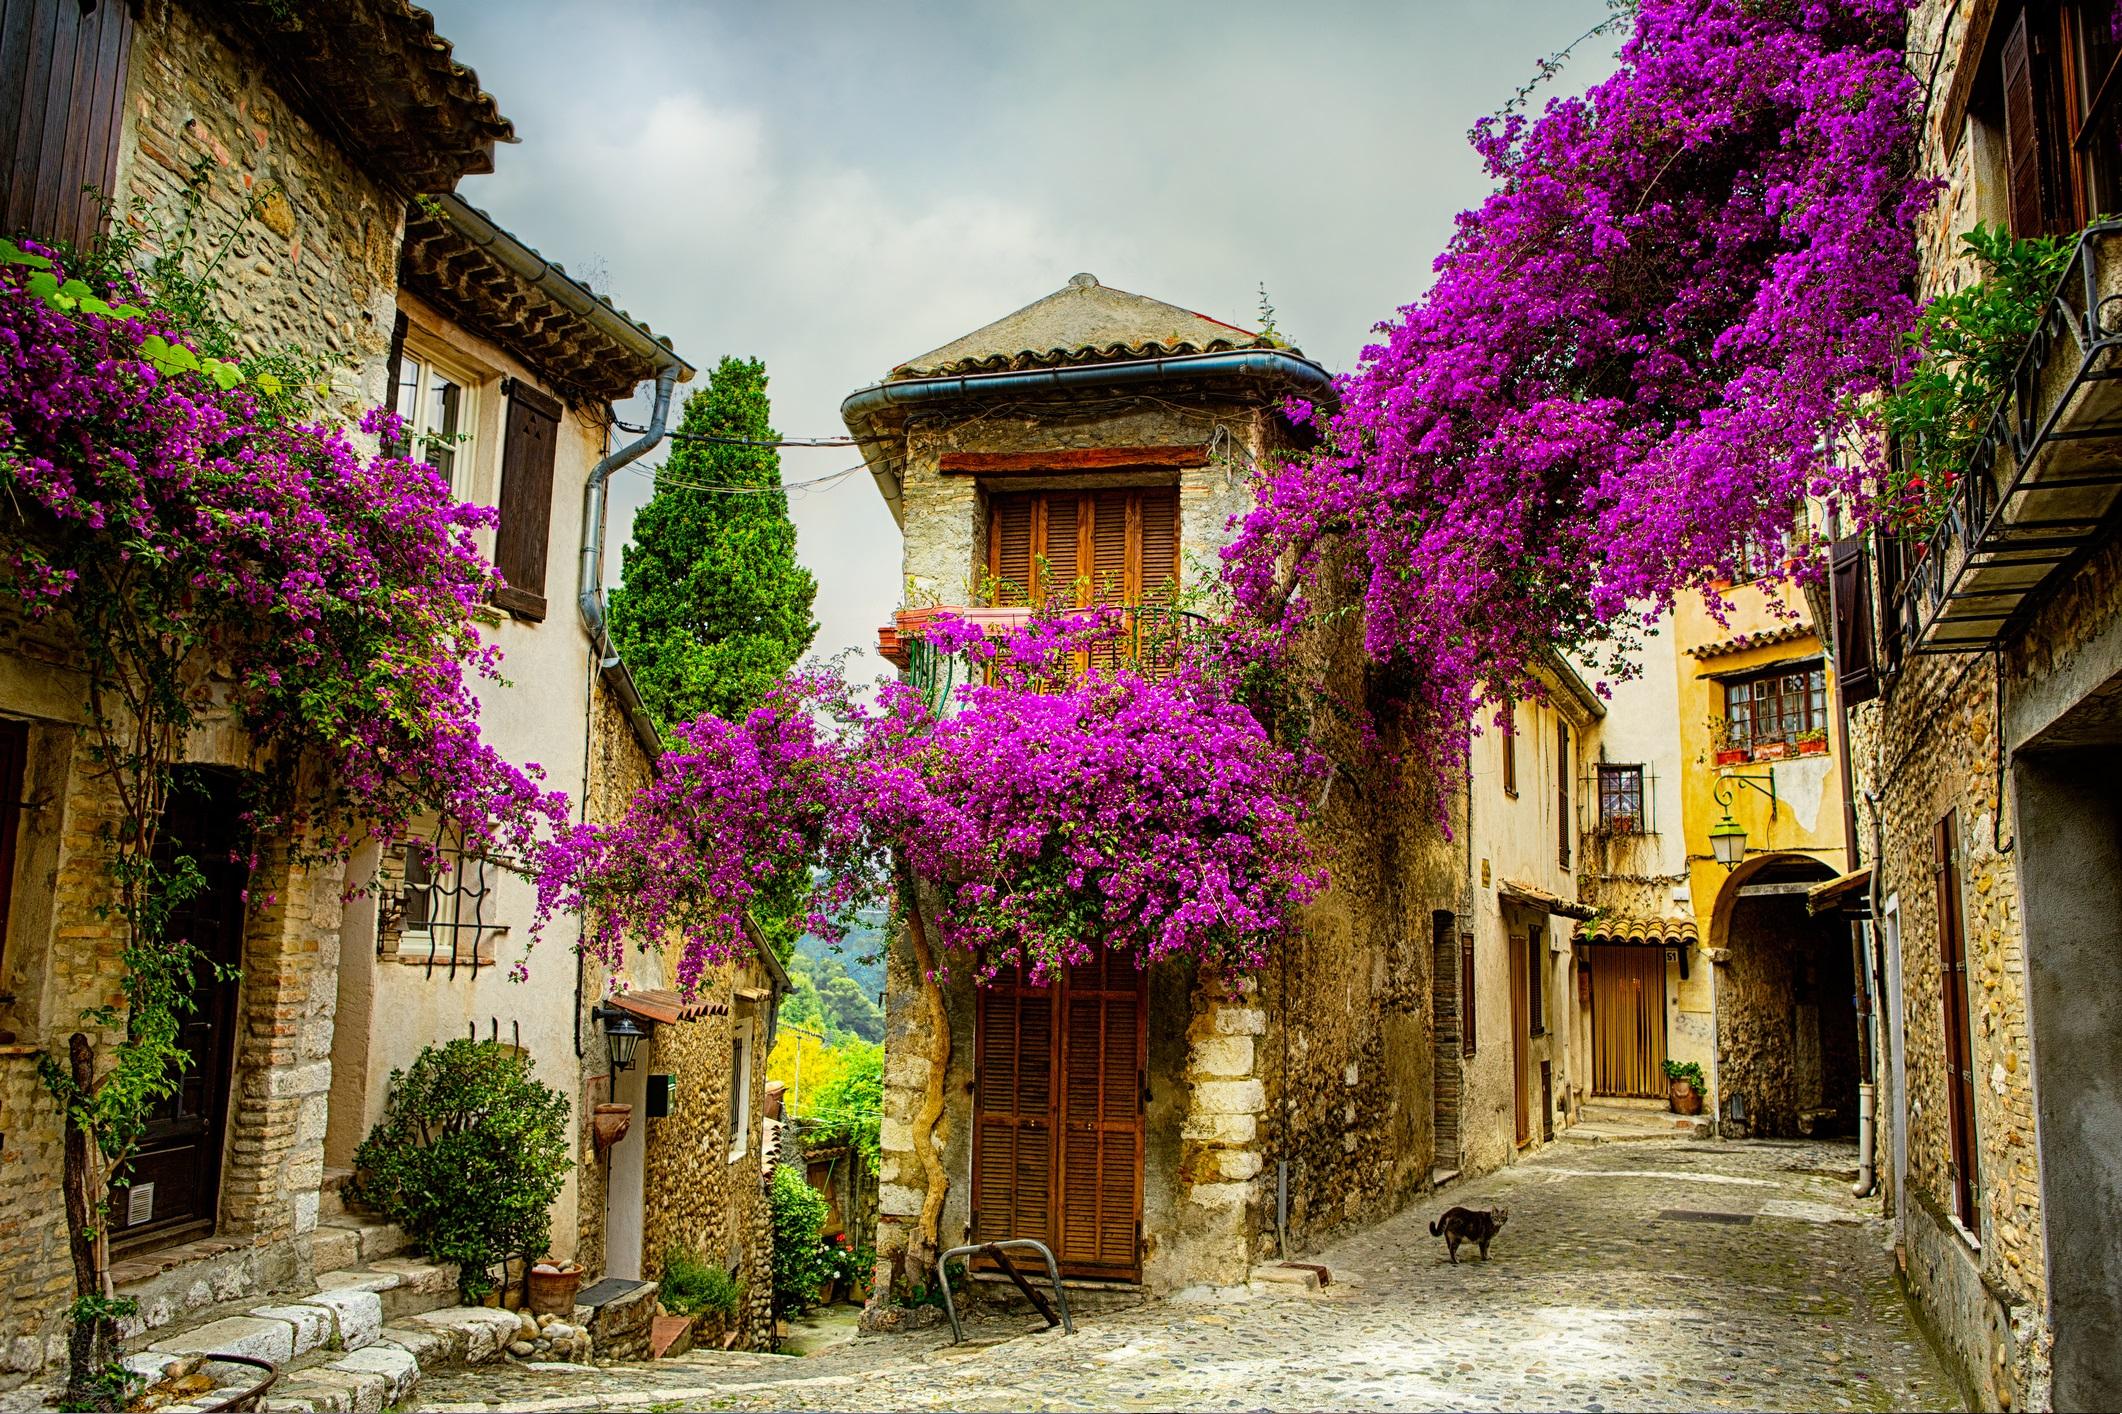 Прованс, Франция<br /> <br /> Със своите тесни улички, огромни лозя и гледки към Алпите, Прованс е идеалното място да се откъснете от хаоса на ежедневието, без да пътувате твърде далече от цивилизацията. Обграден от Средиземно море, този югоизточен френски регион е успокояващ и изключително красив.